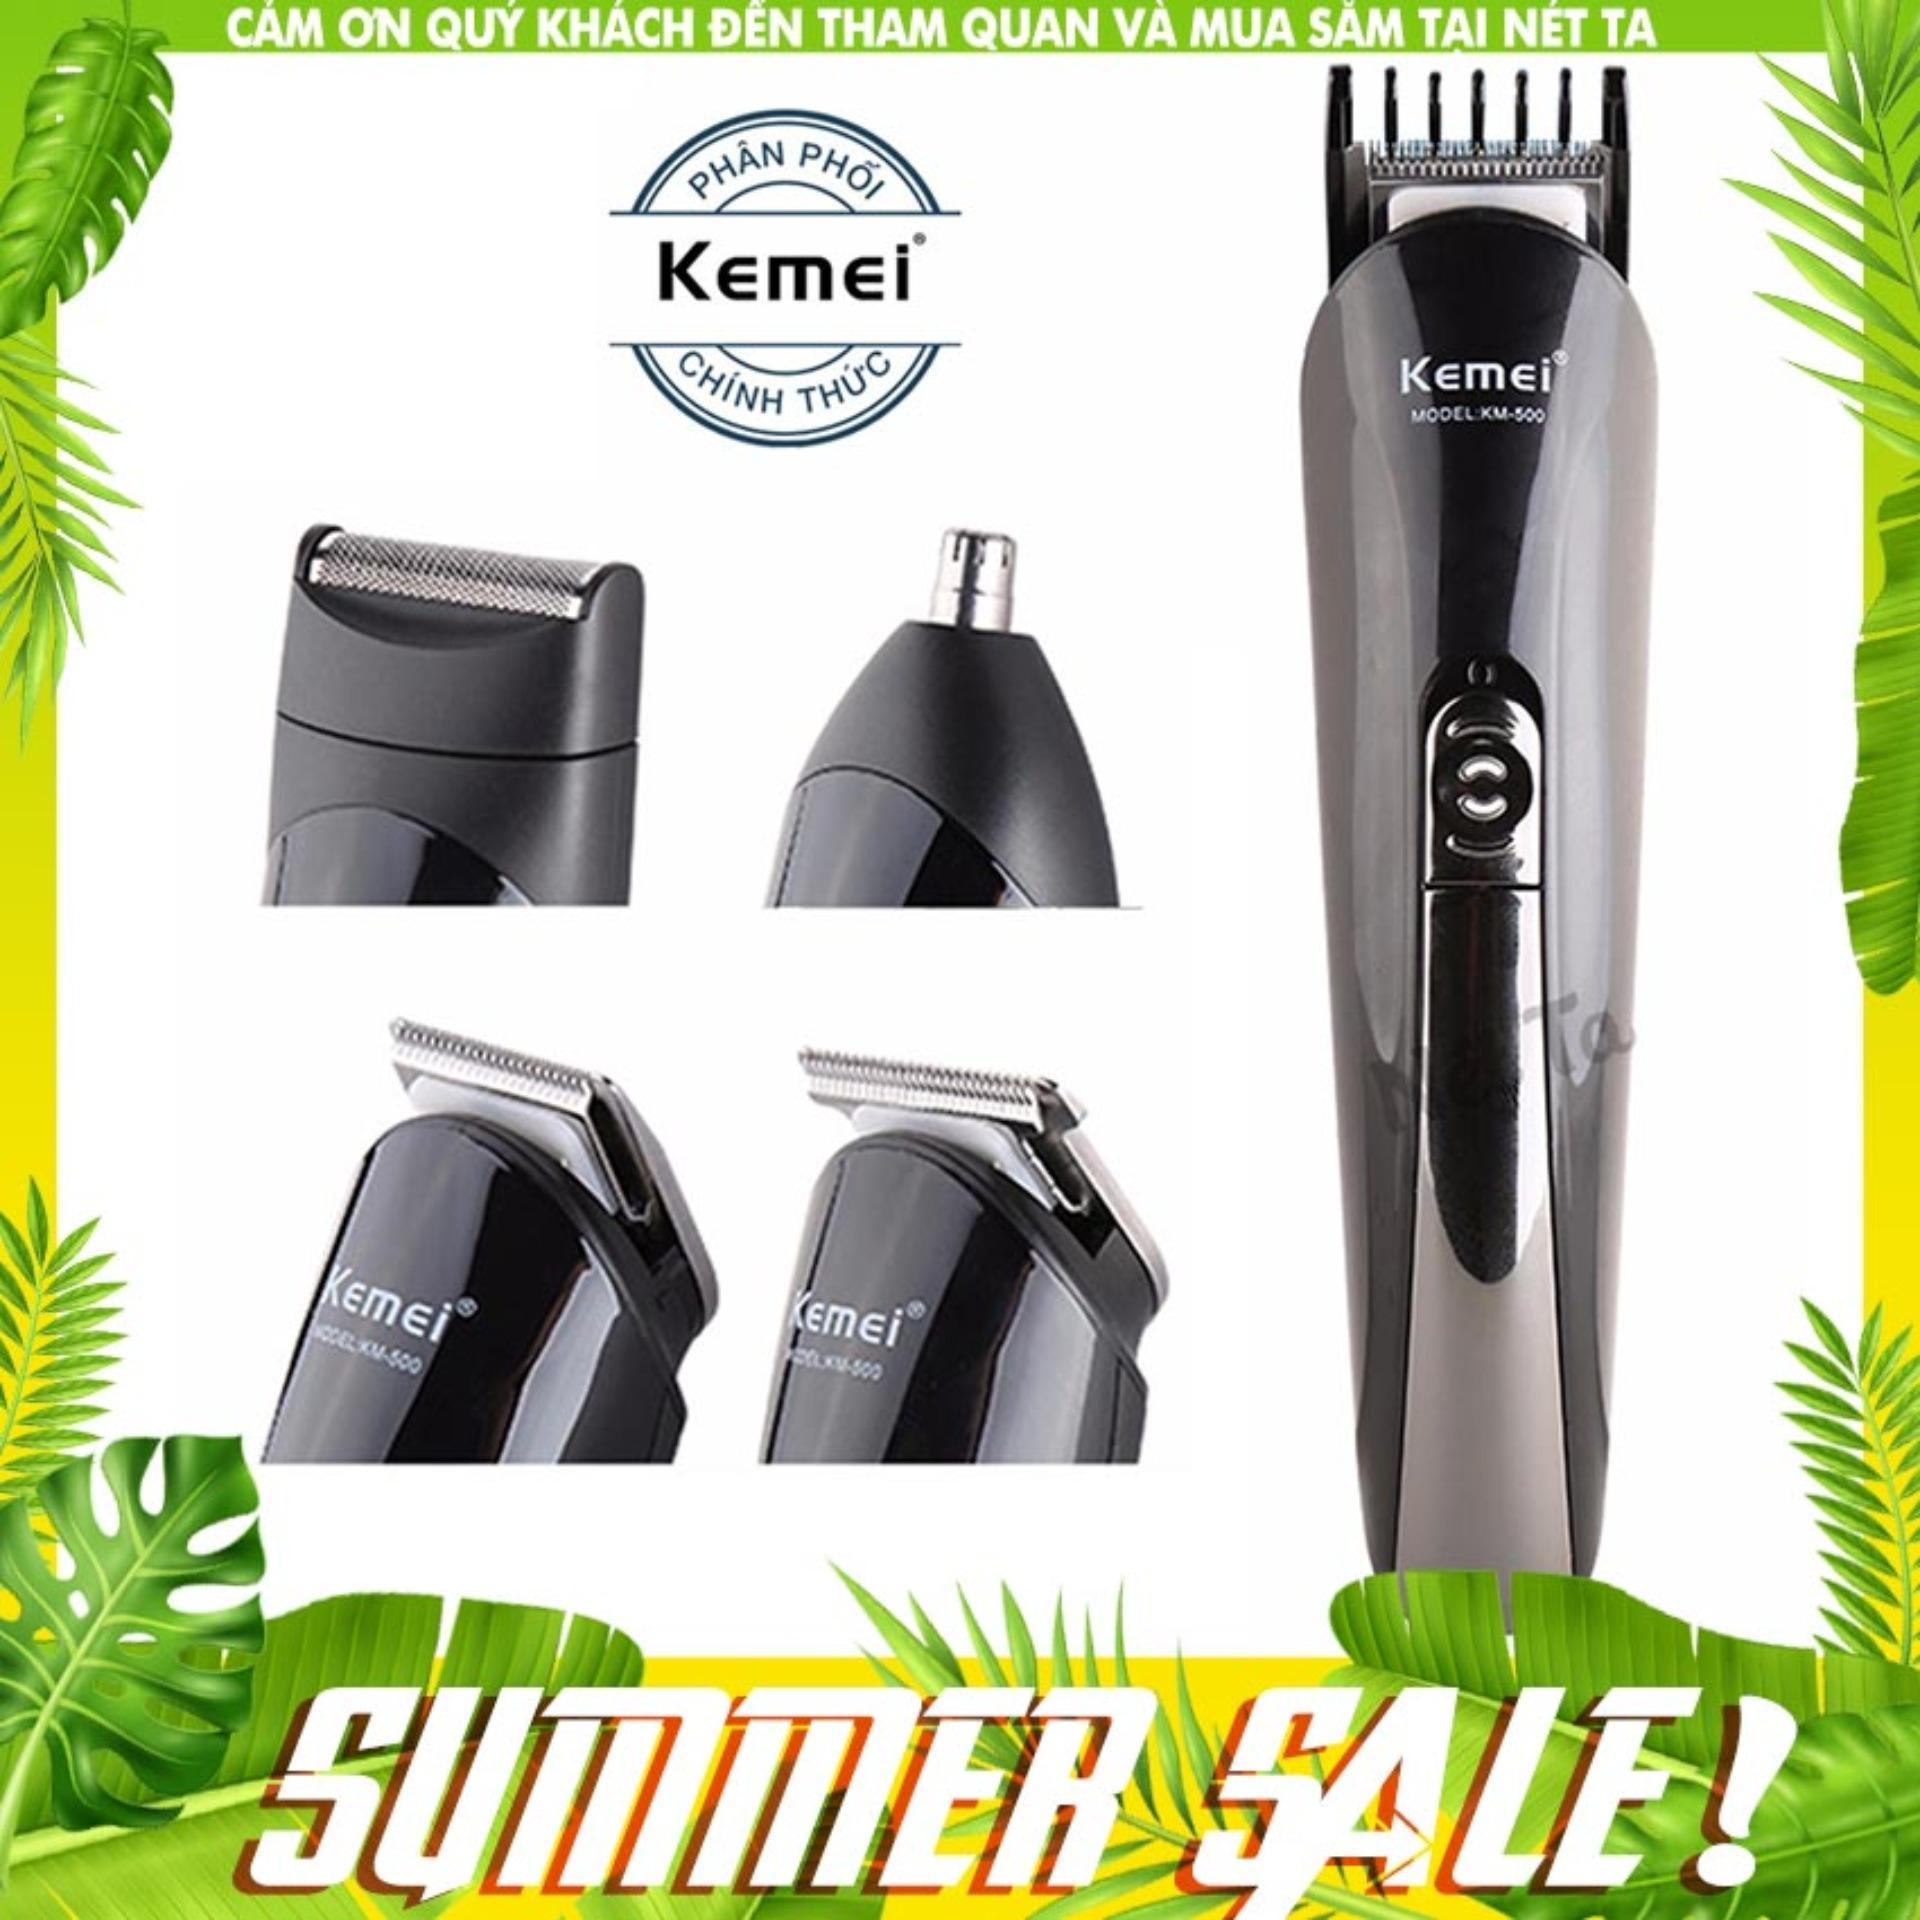 Tông đơ cắt tóc 4in1 Kemei KM-500 - Hãng phân phối chính thức nhập khẩu